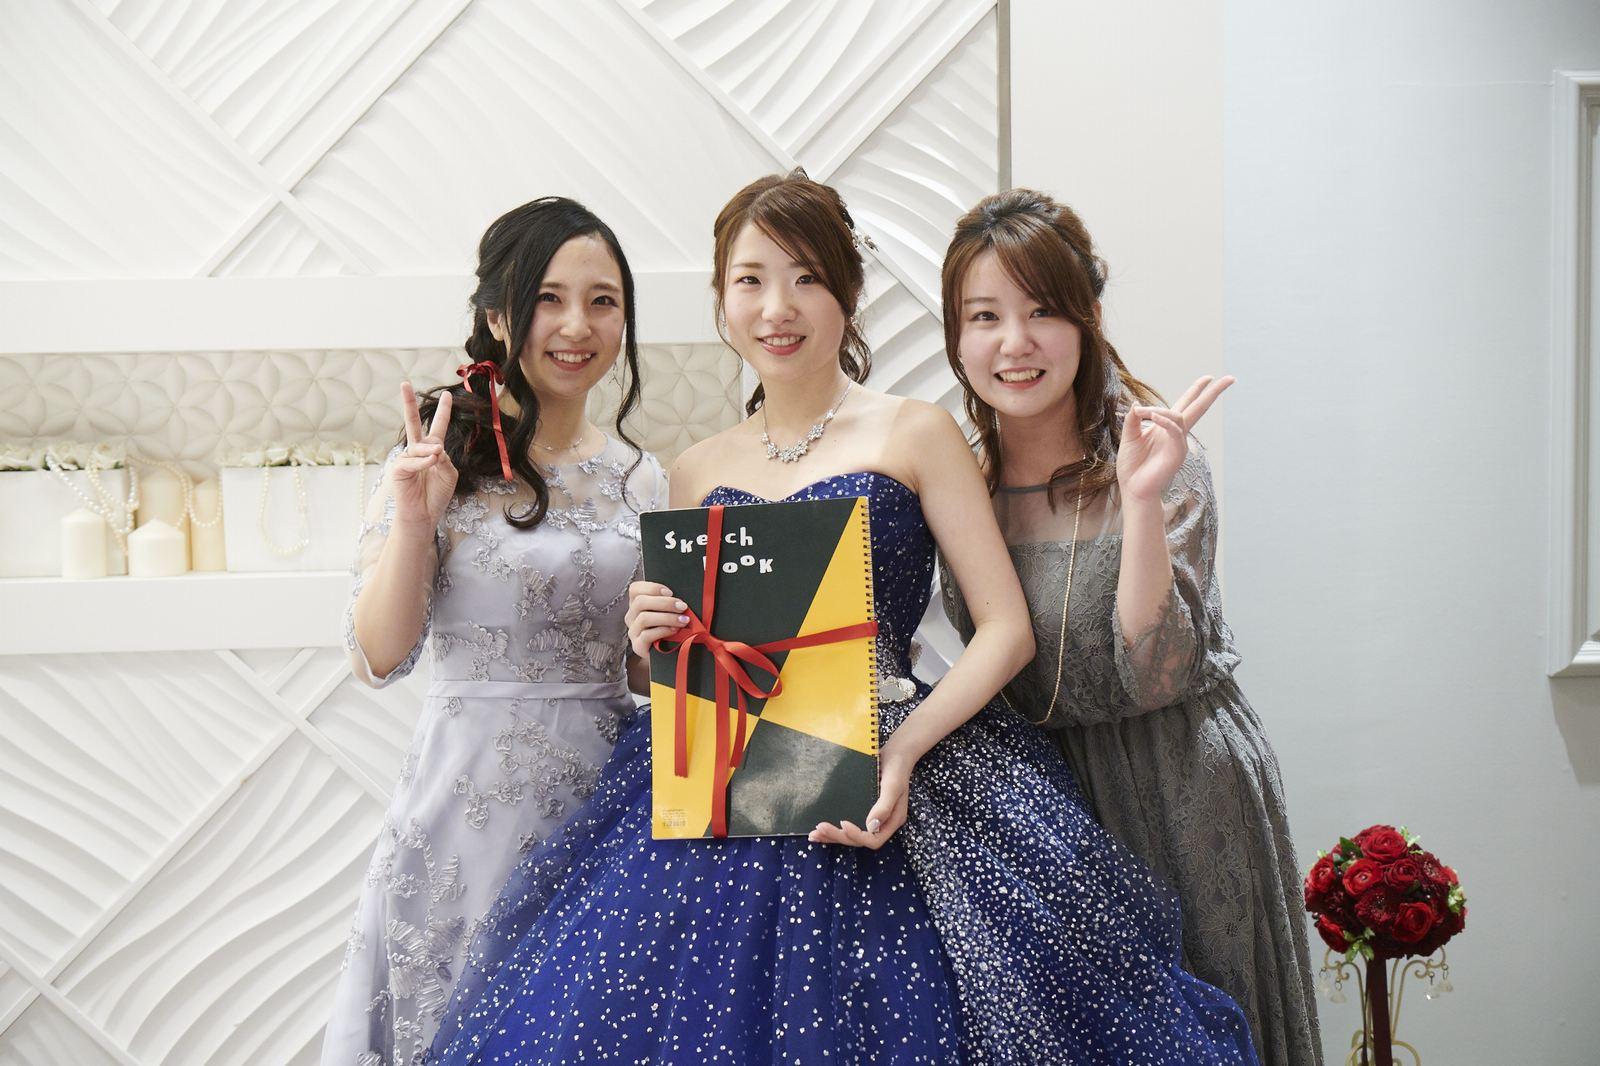 徳島市の結婚式場ブランアンジュでご友人からプレゼントを受け取り笑顔の新婦様